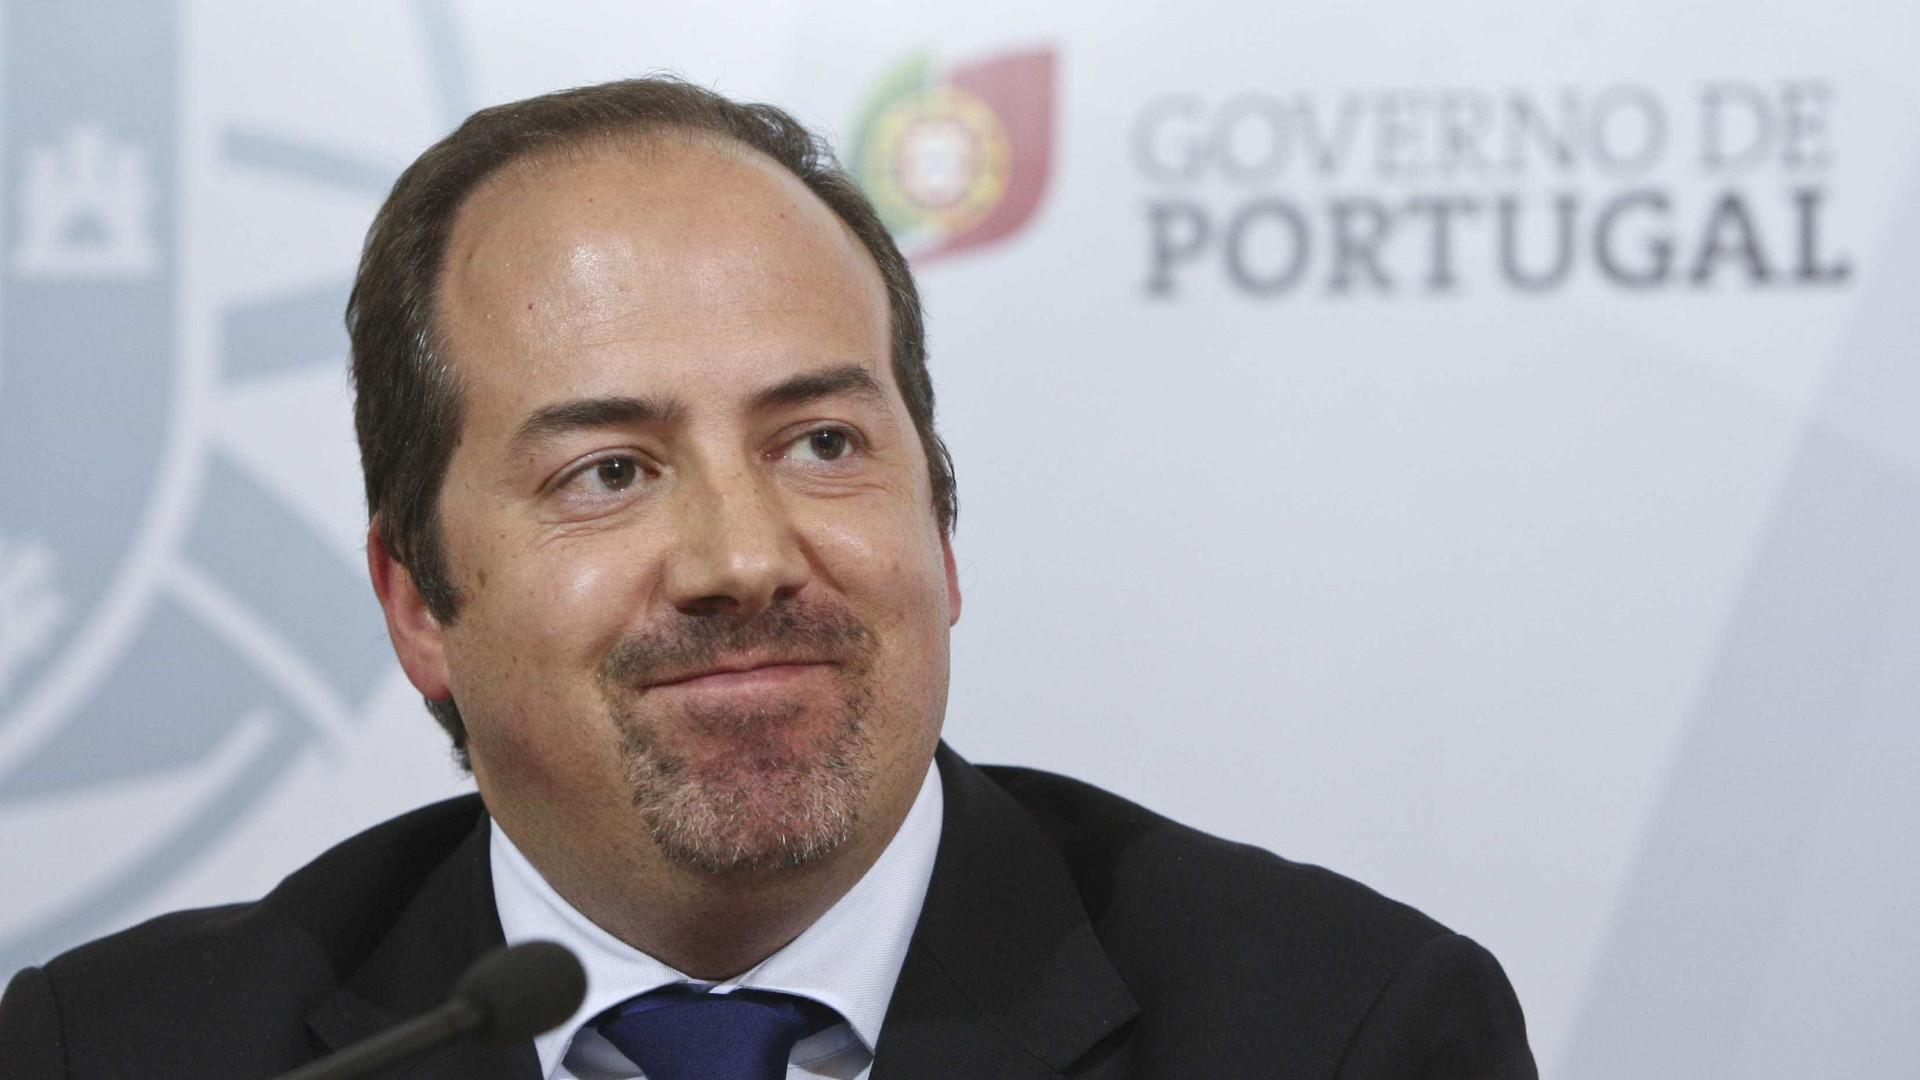 Álvaro 'chumbou' contrato de Portas antes de sair